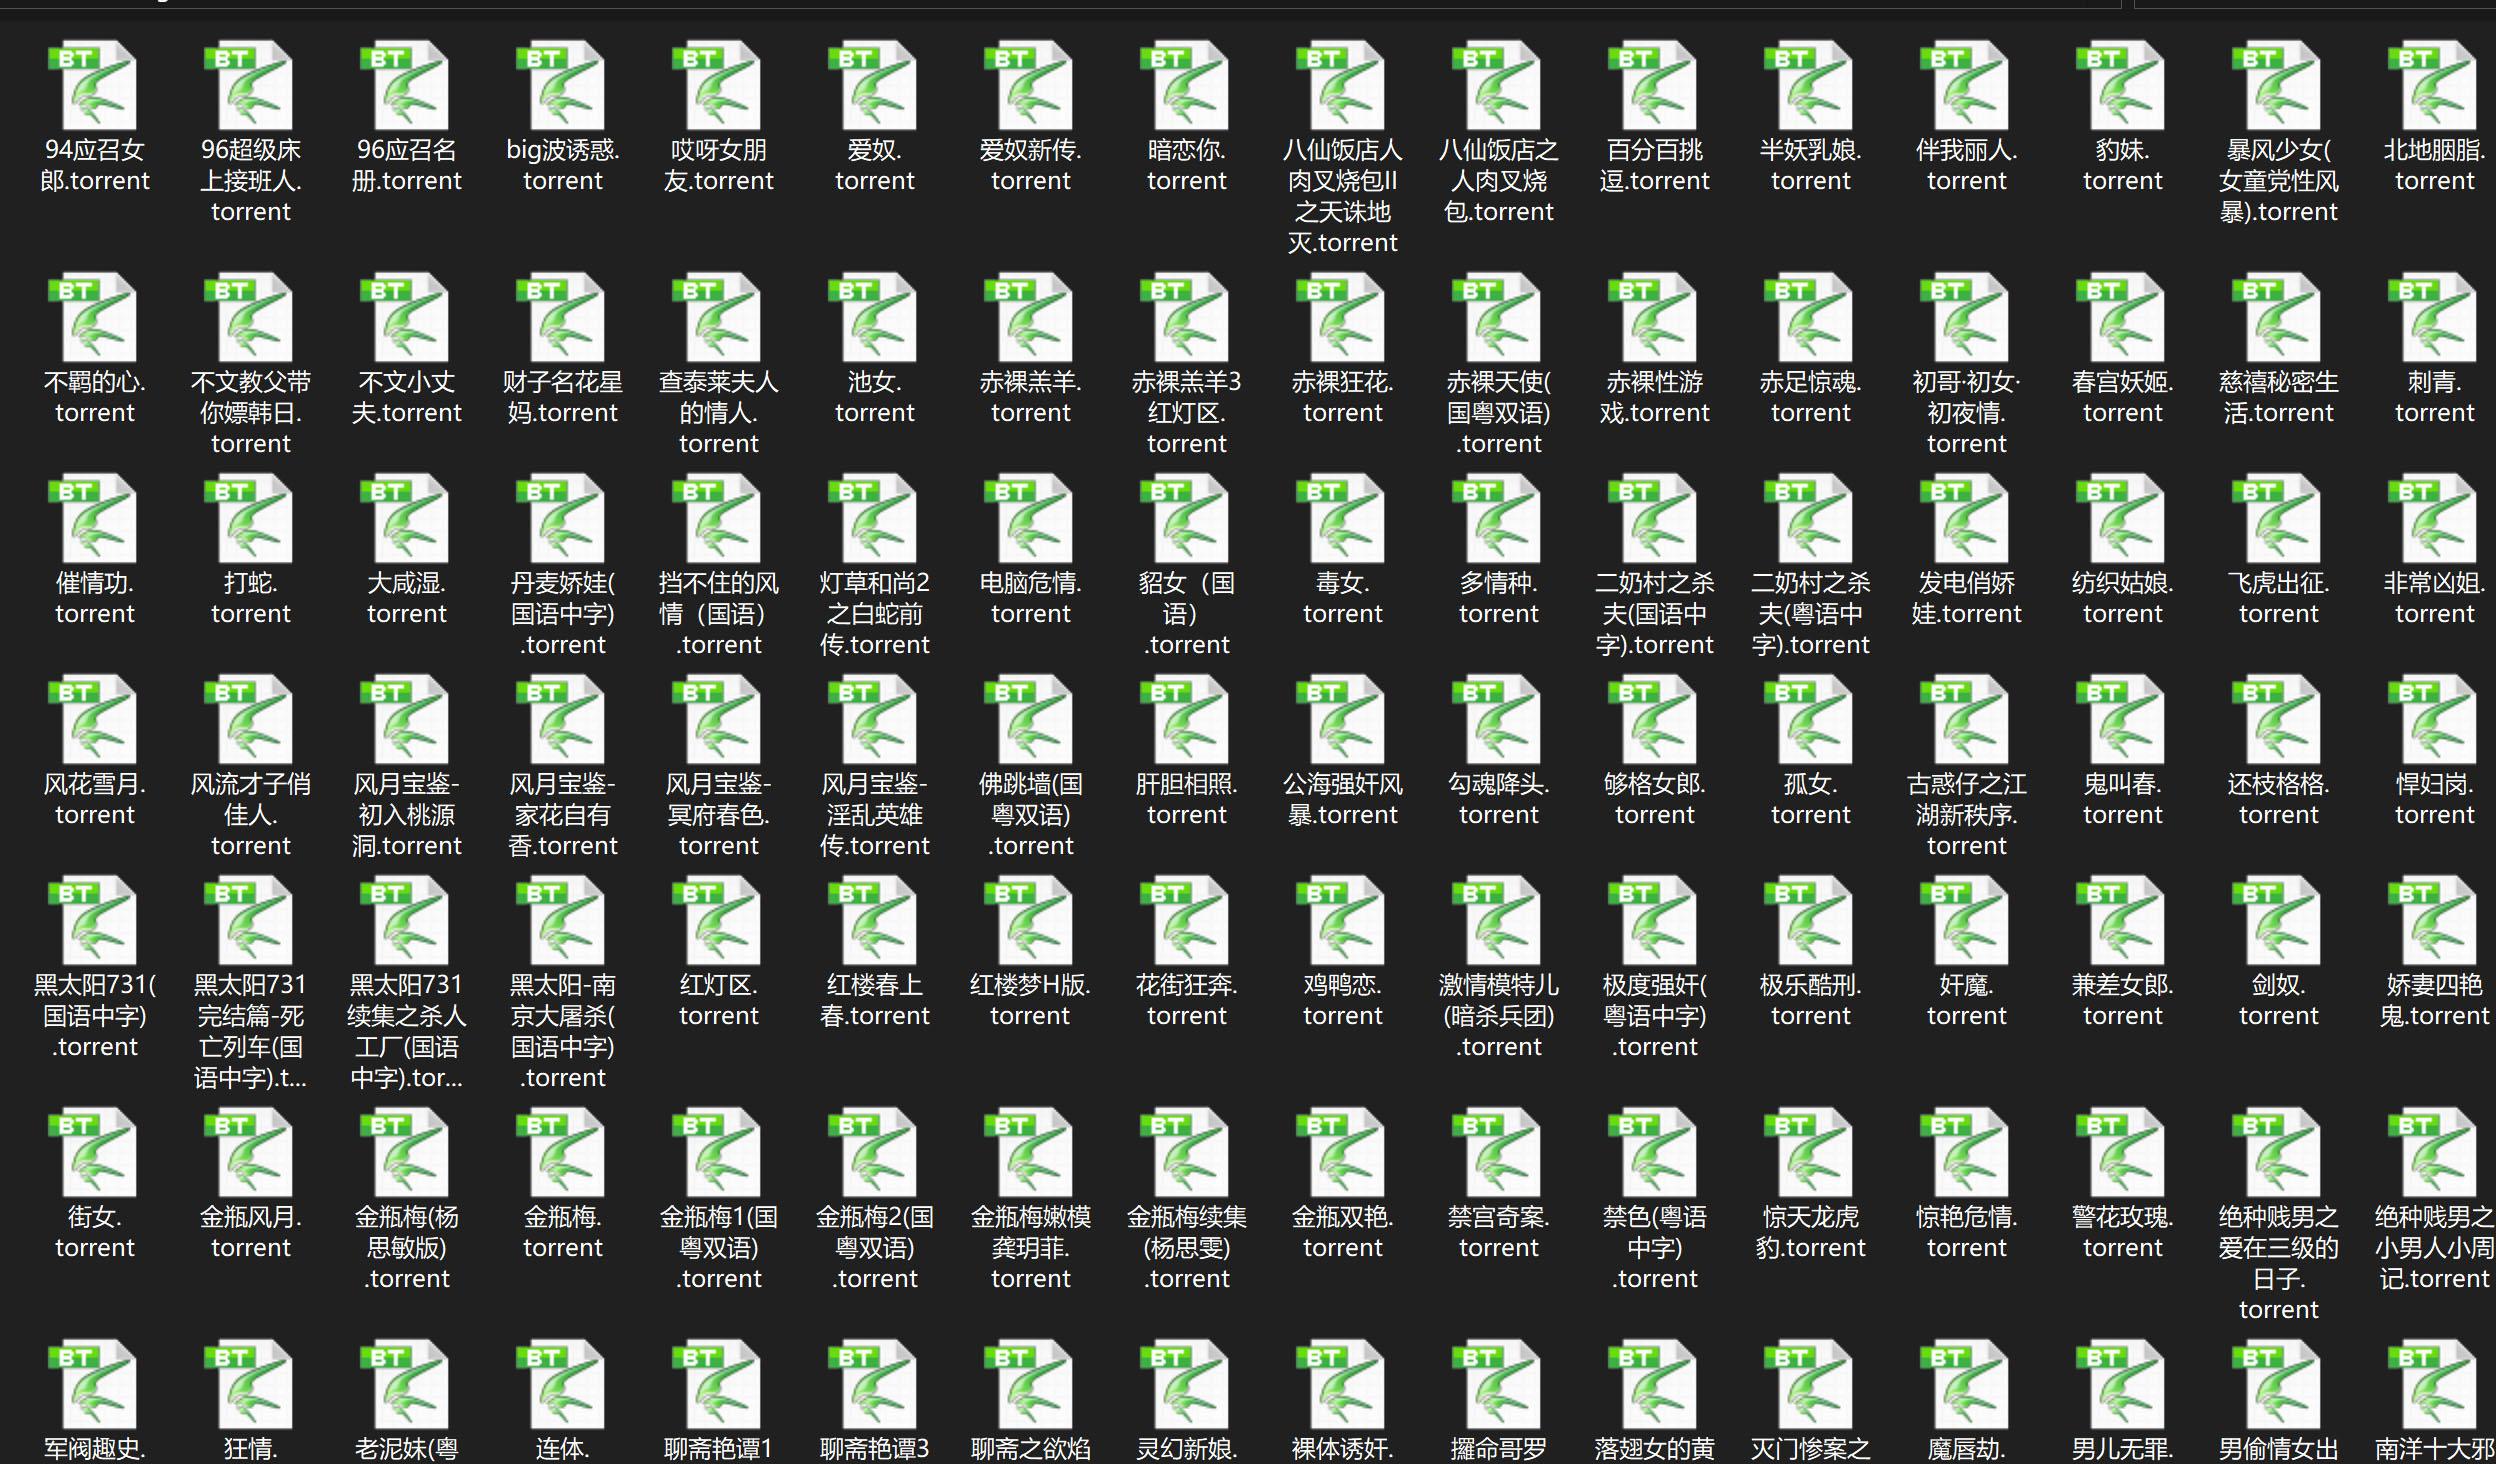 168部香港资源+400部韩国资源